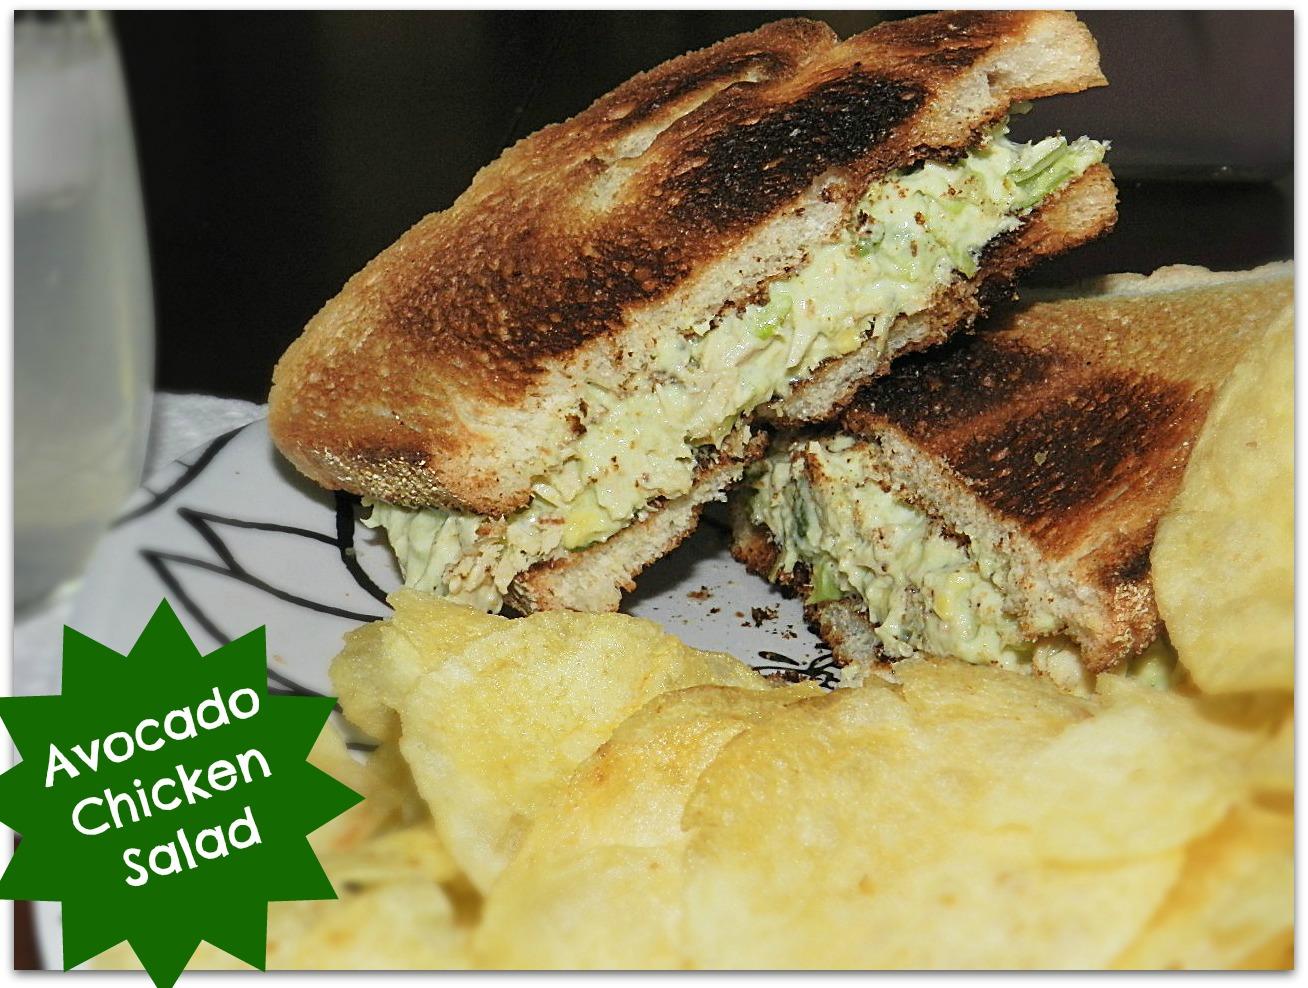 Avocado Chicken Salad (2)